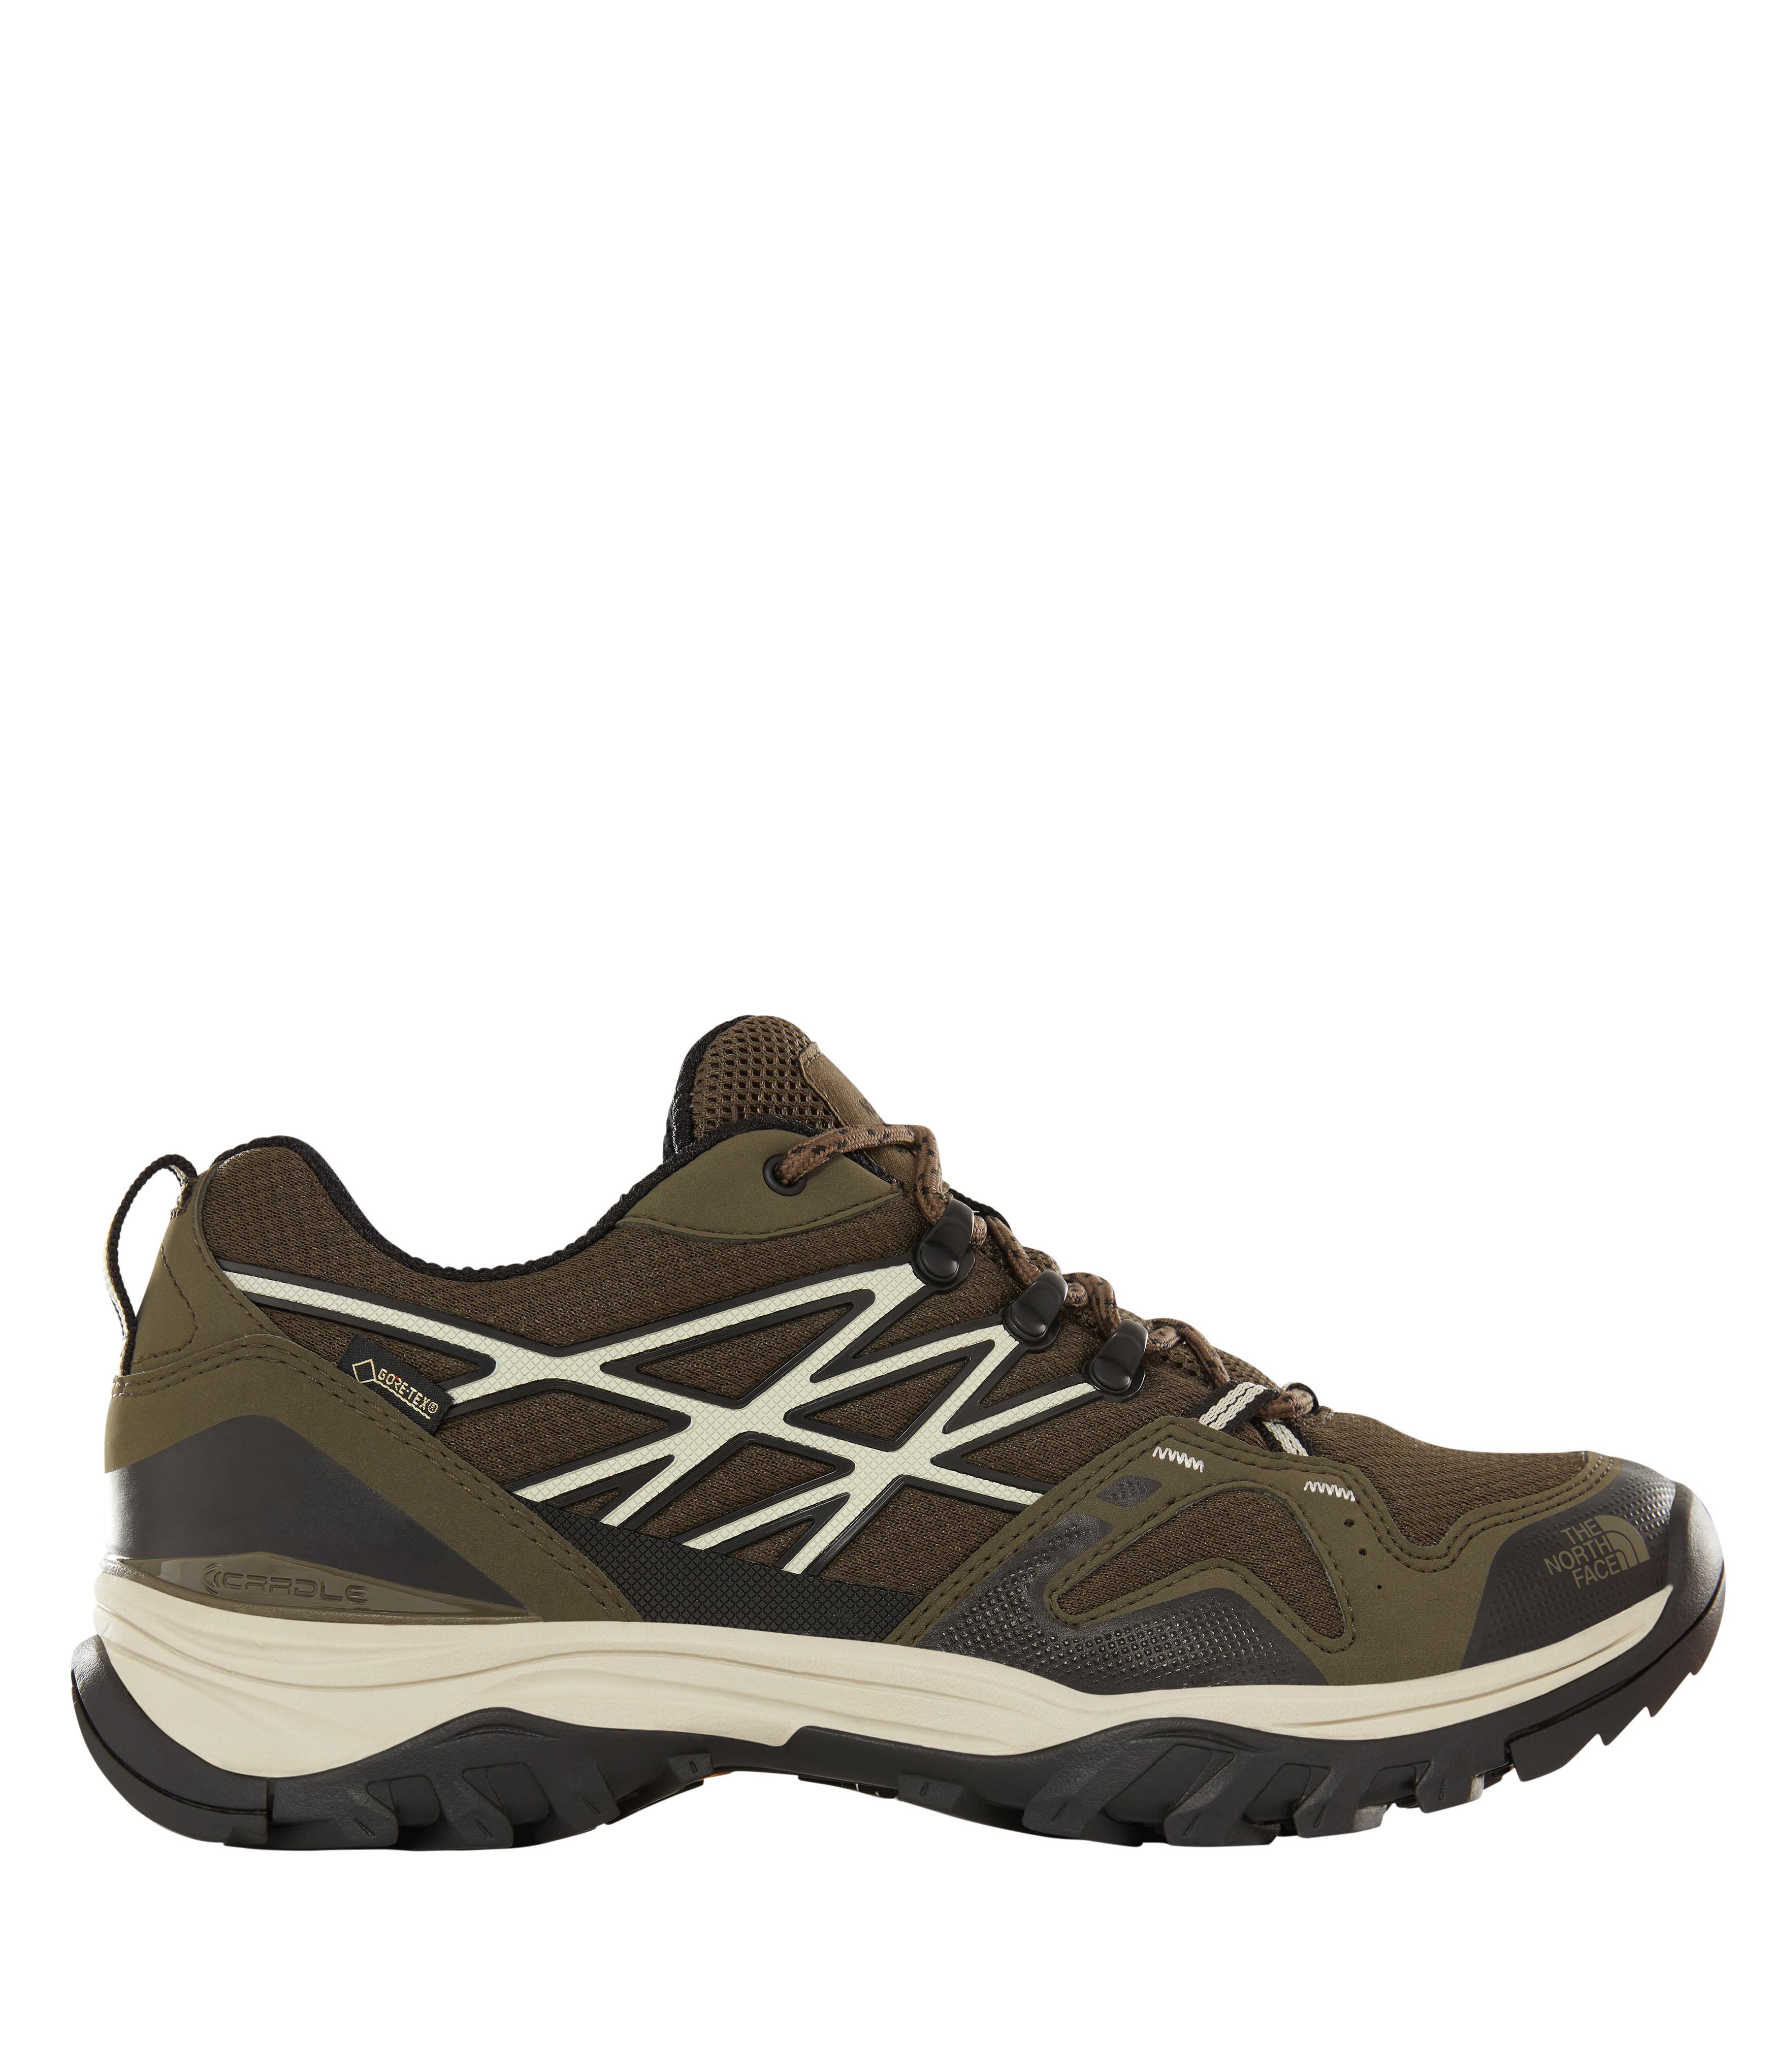 Мужские ботинки Hedgehog Fastpack GTX фото